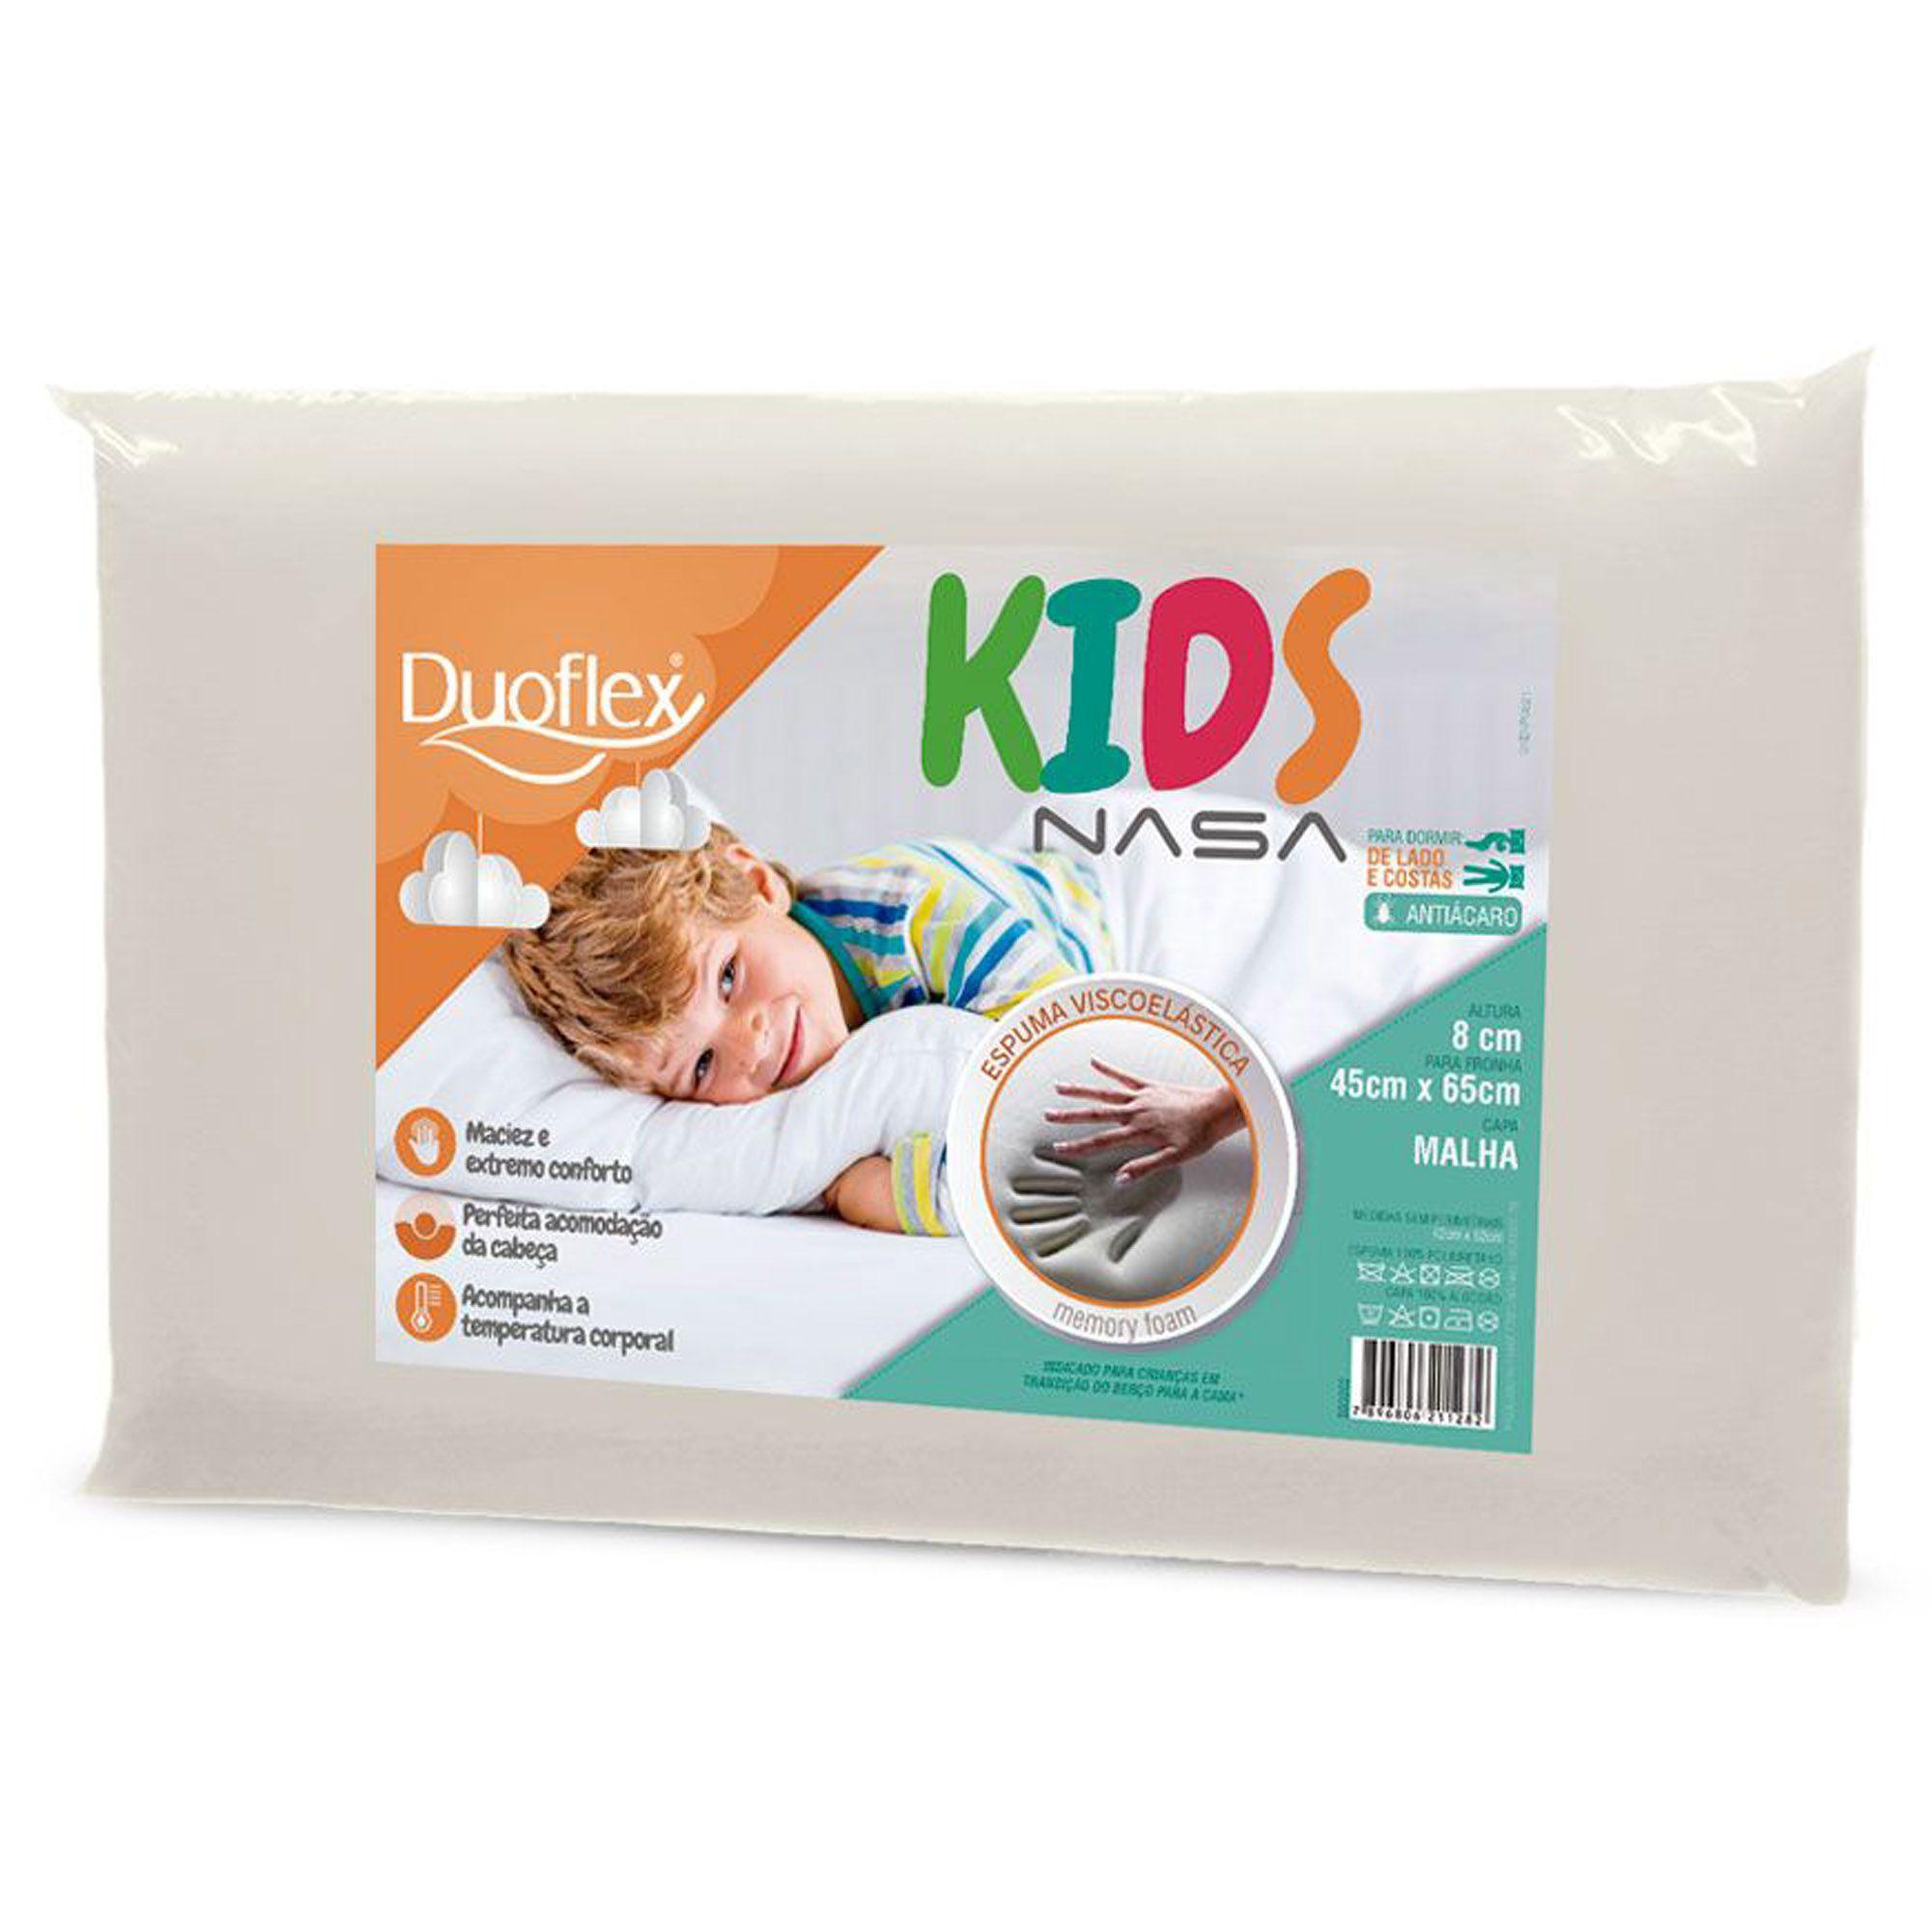 Travesseiro Duoflex Kids Nasa, Macio, 045 x 065 x 008 cm